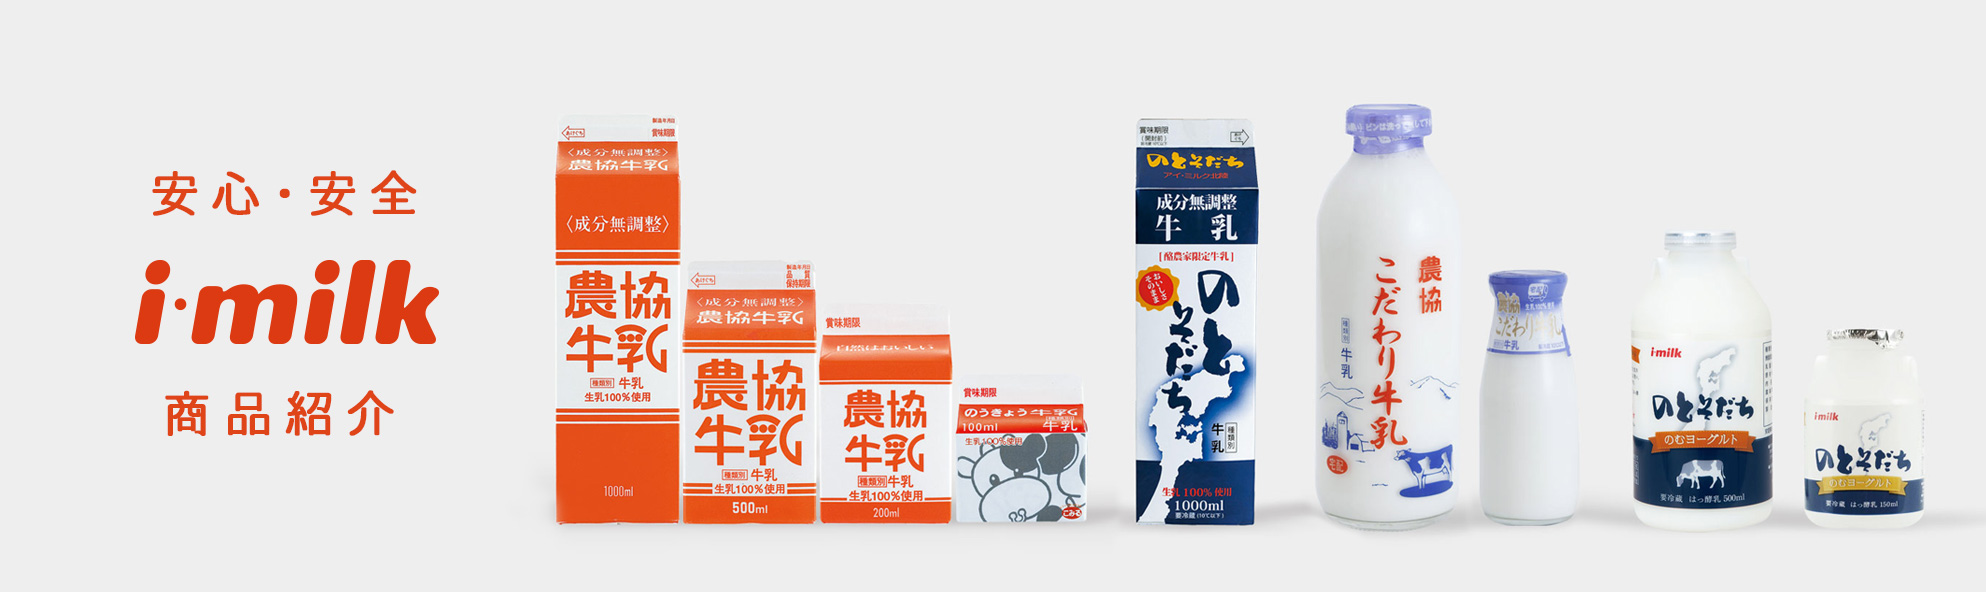 安心・安全 i・milk商品紹介